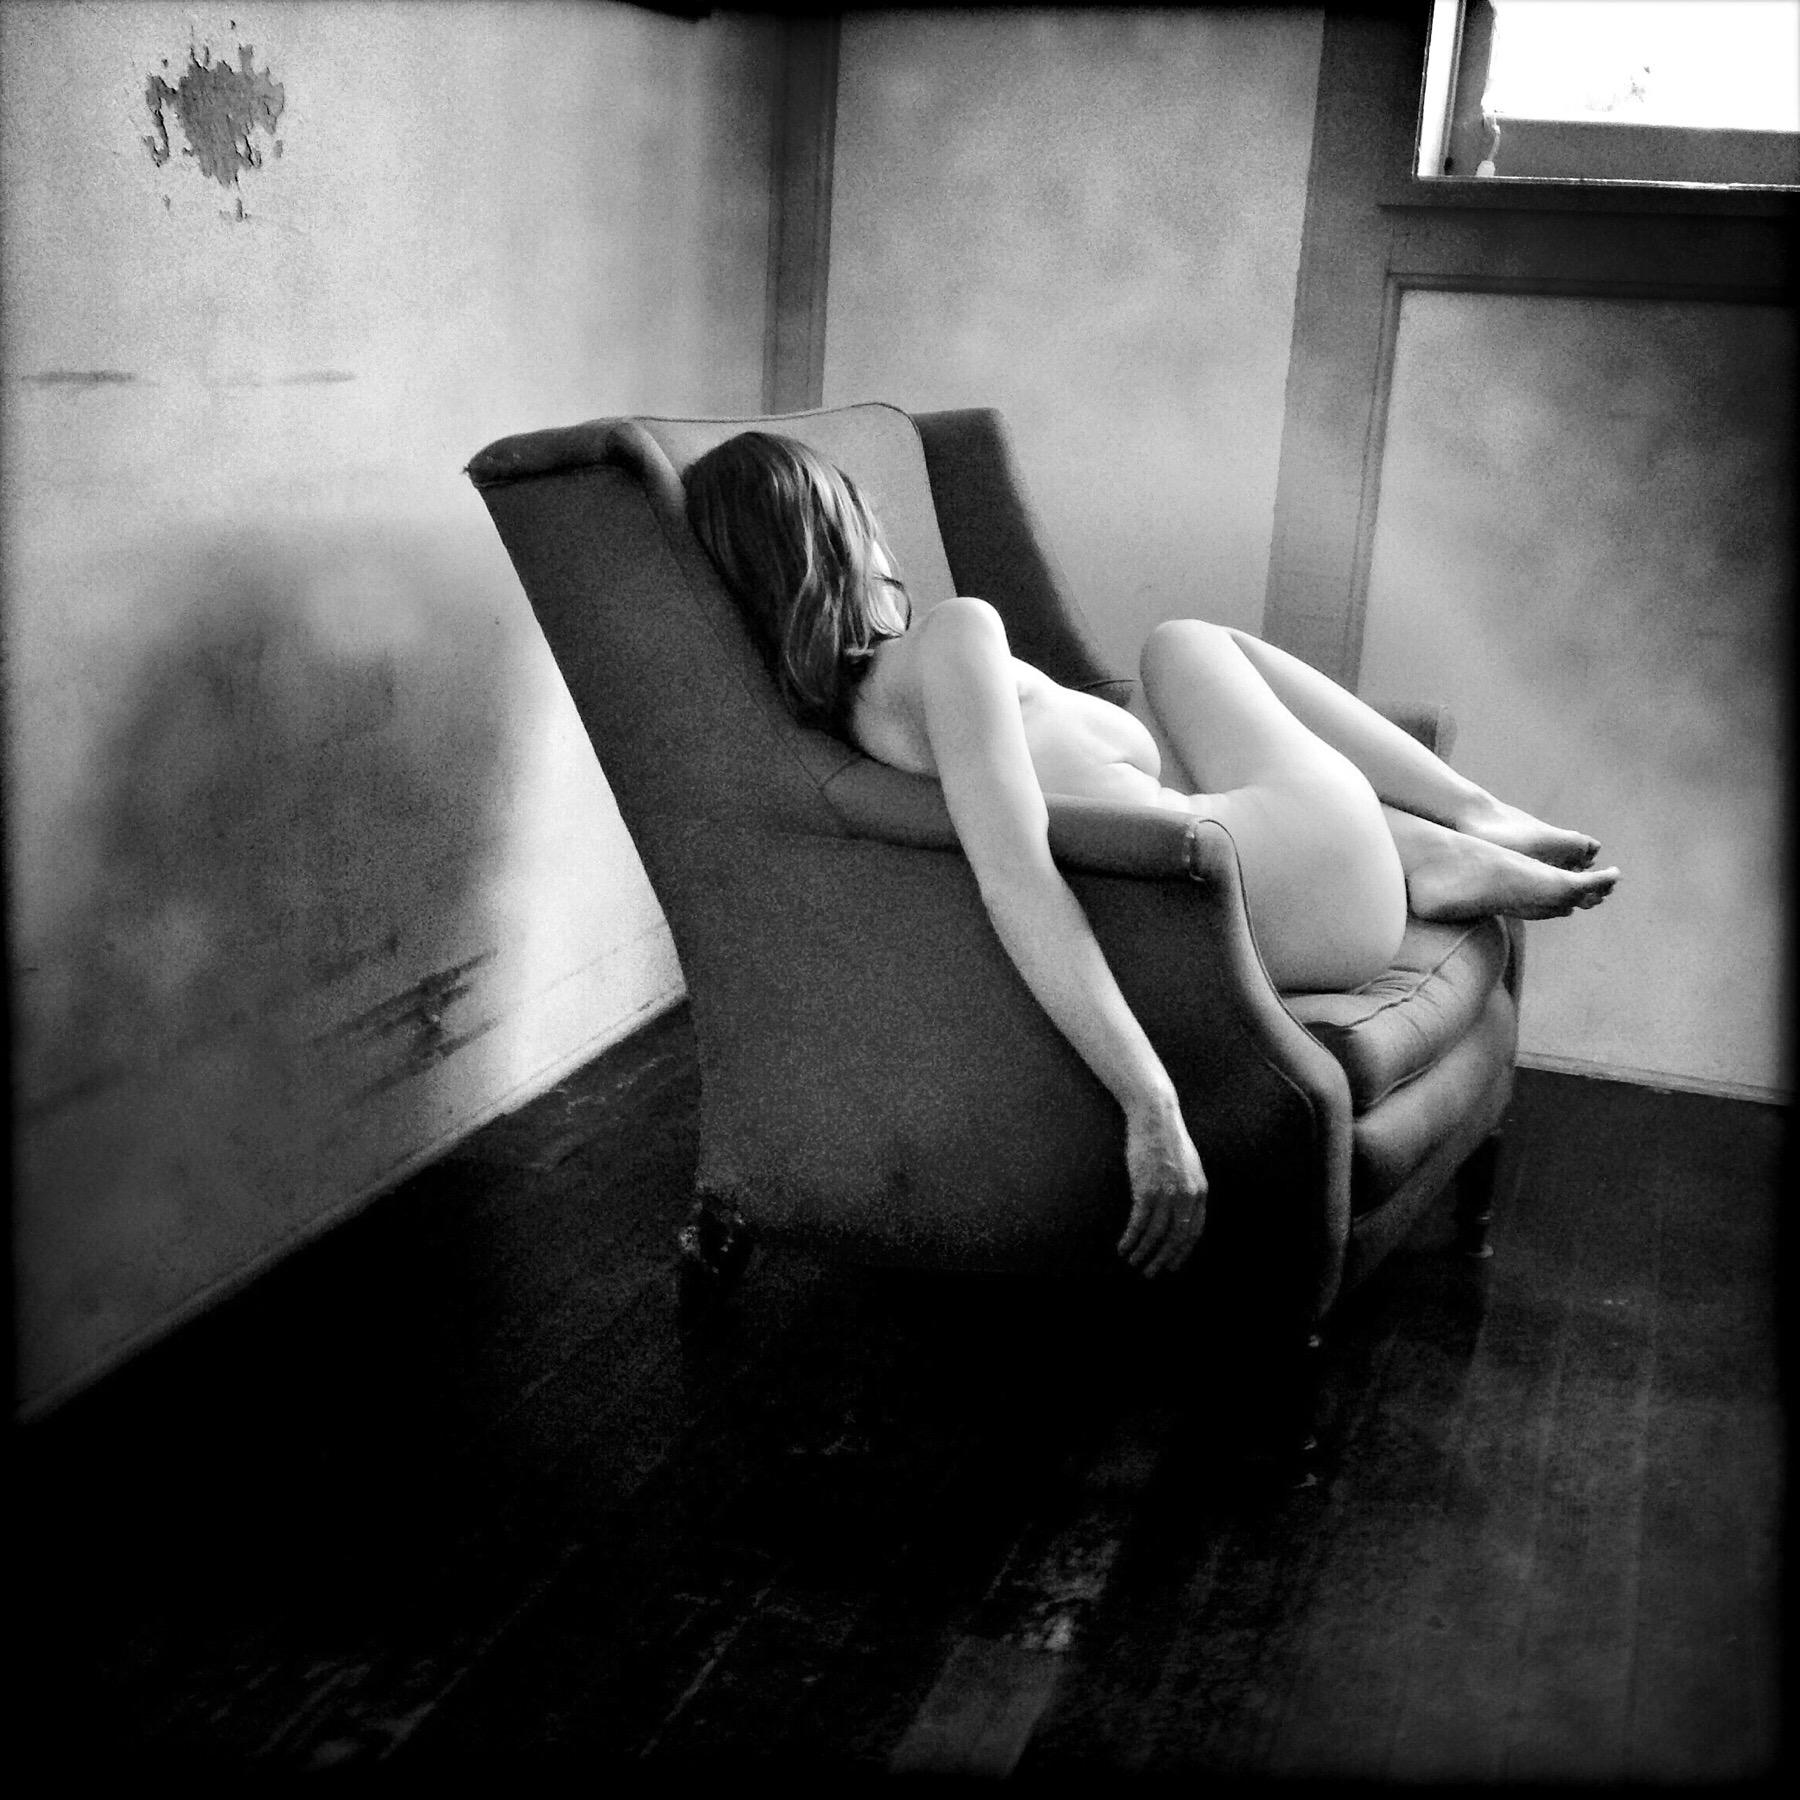 Solitude, 2014